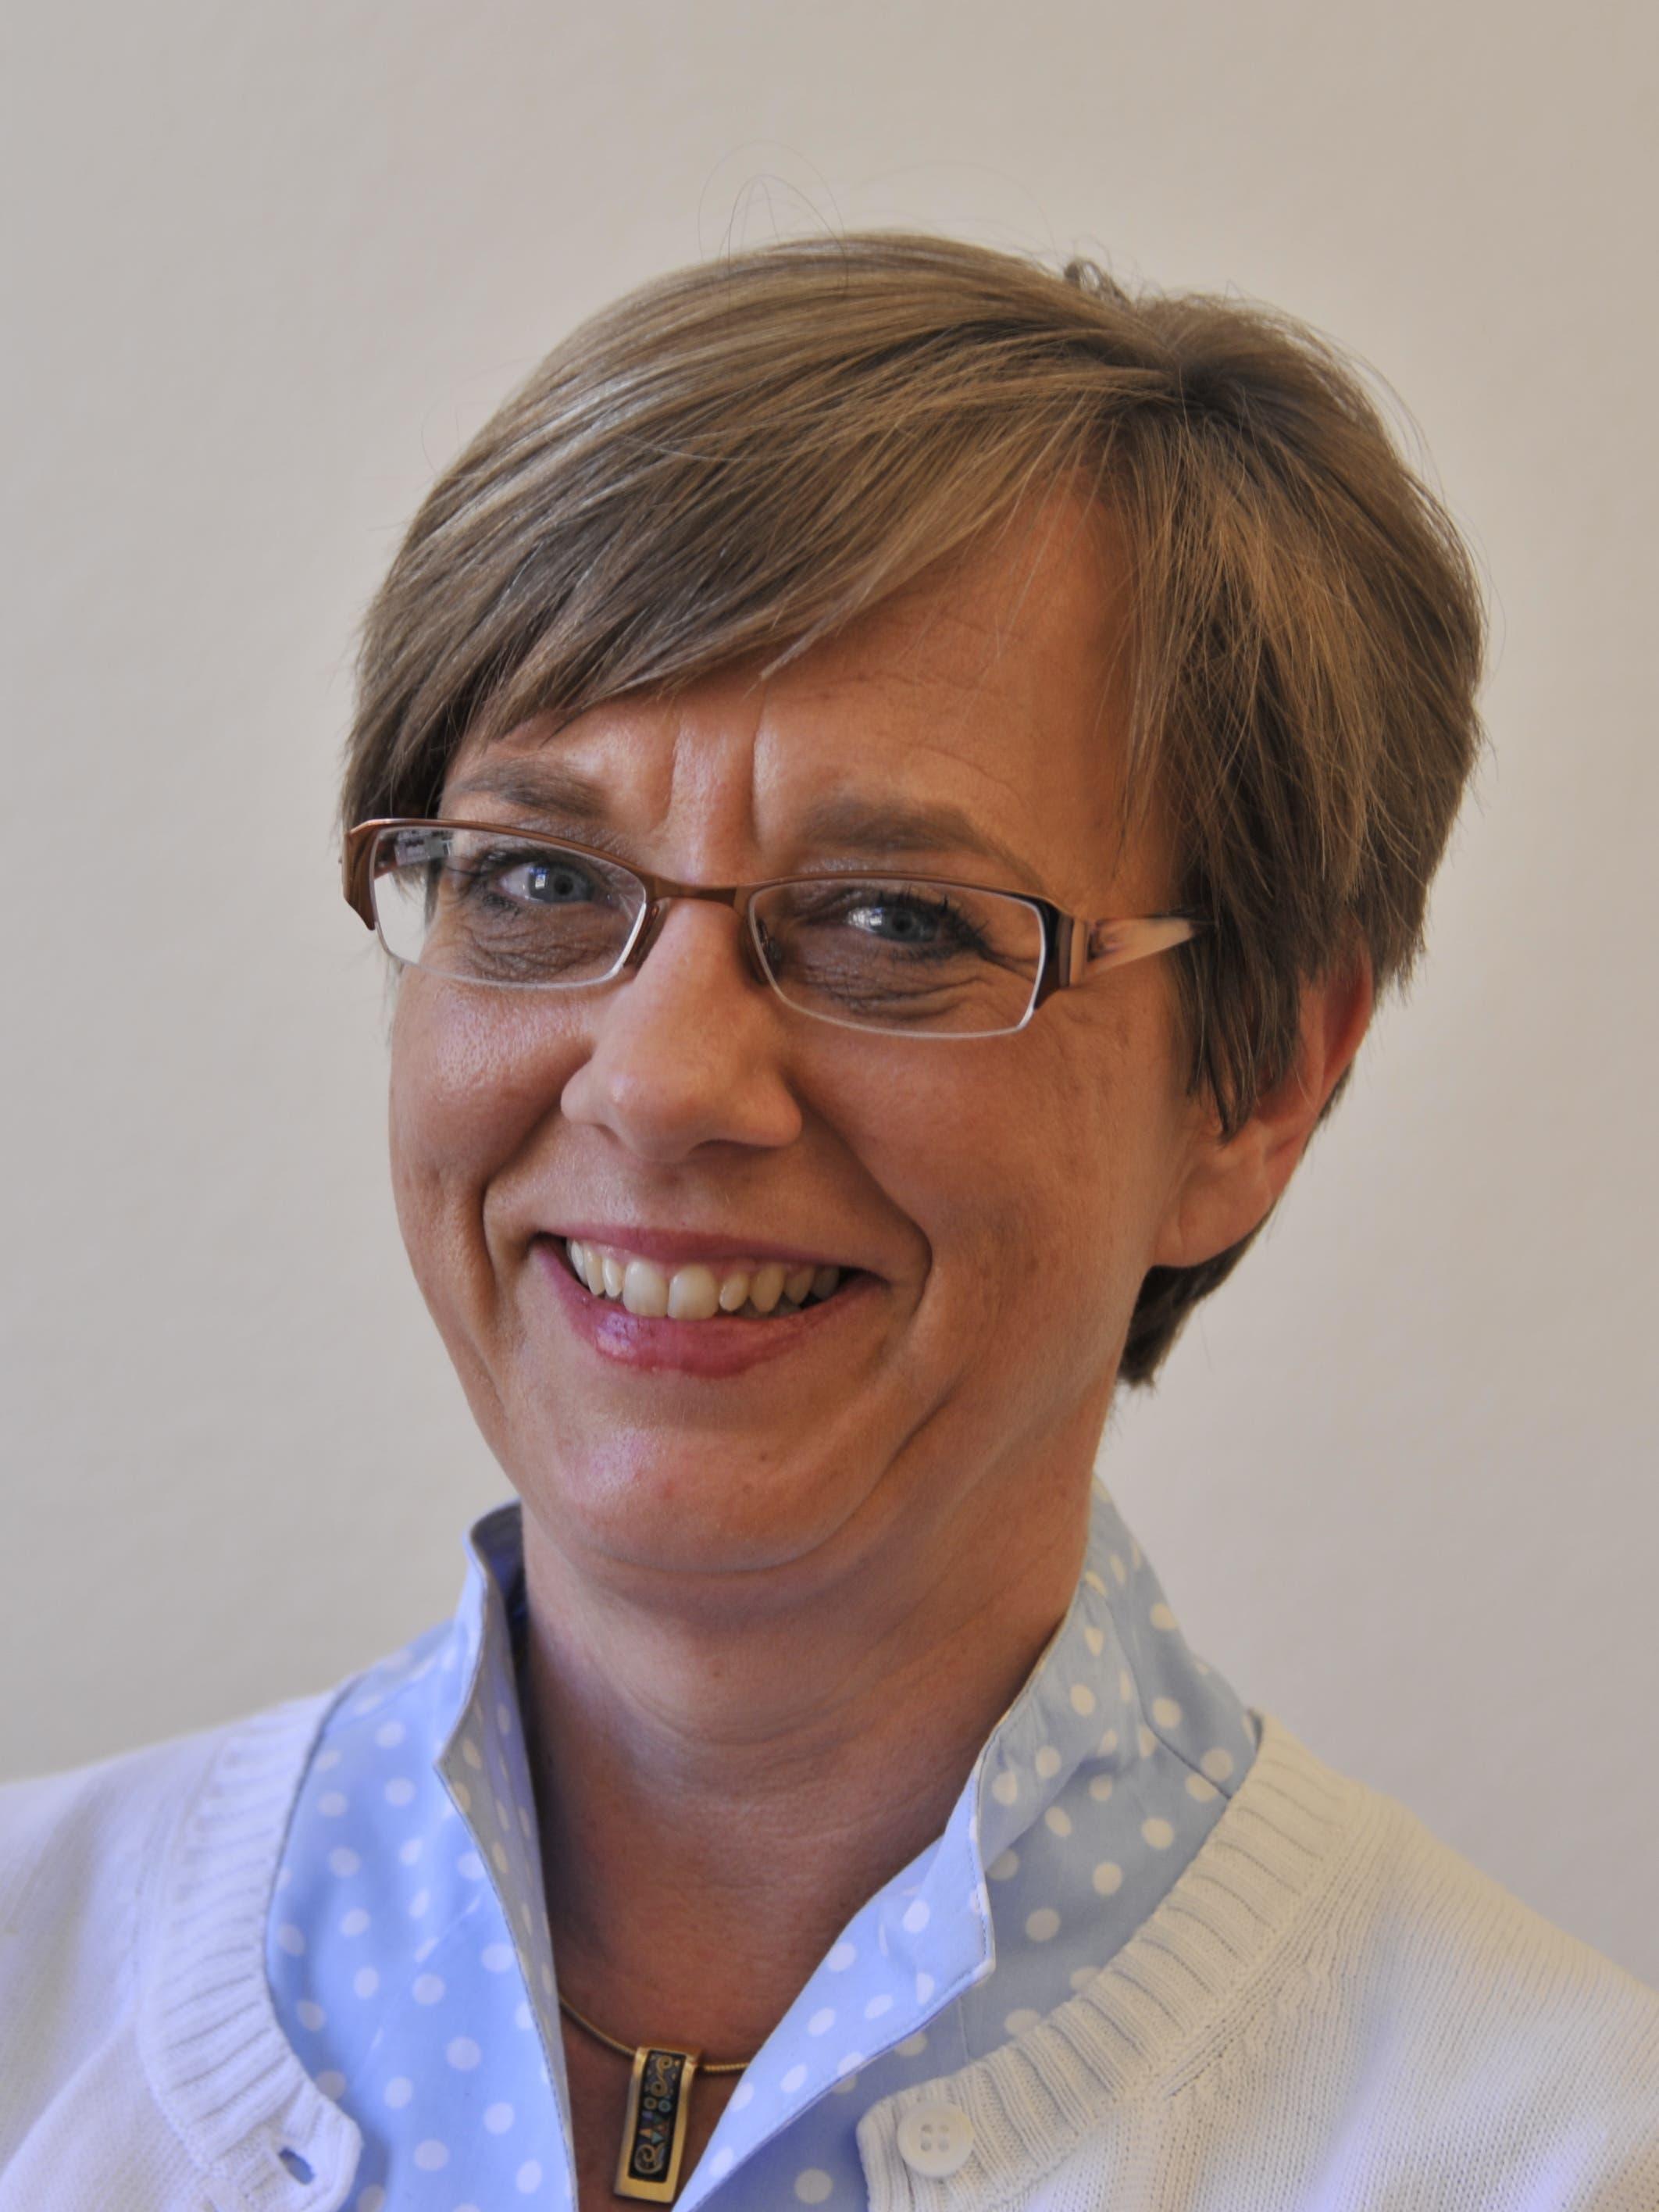 Gewählt: Christine Bouvard Marty, CVP (bisher)